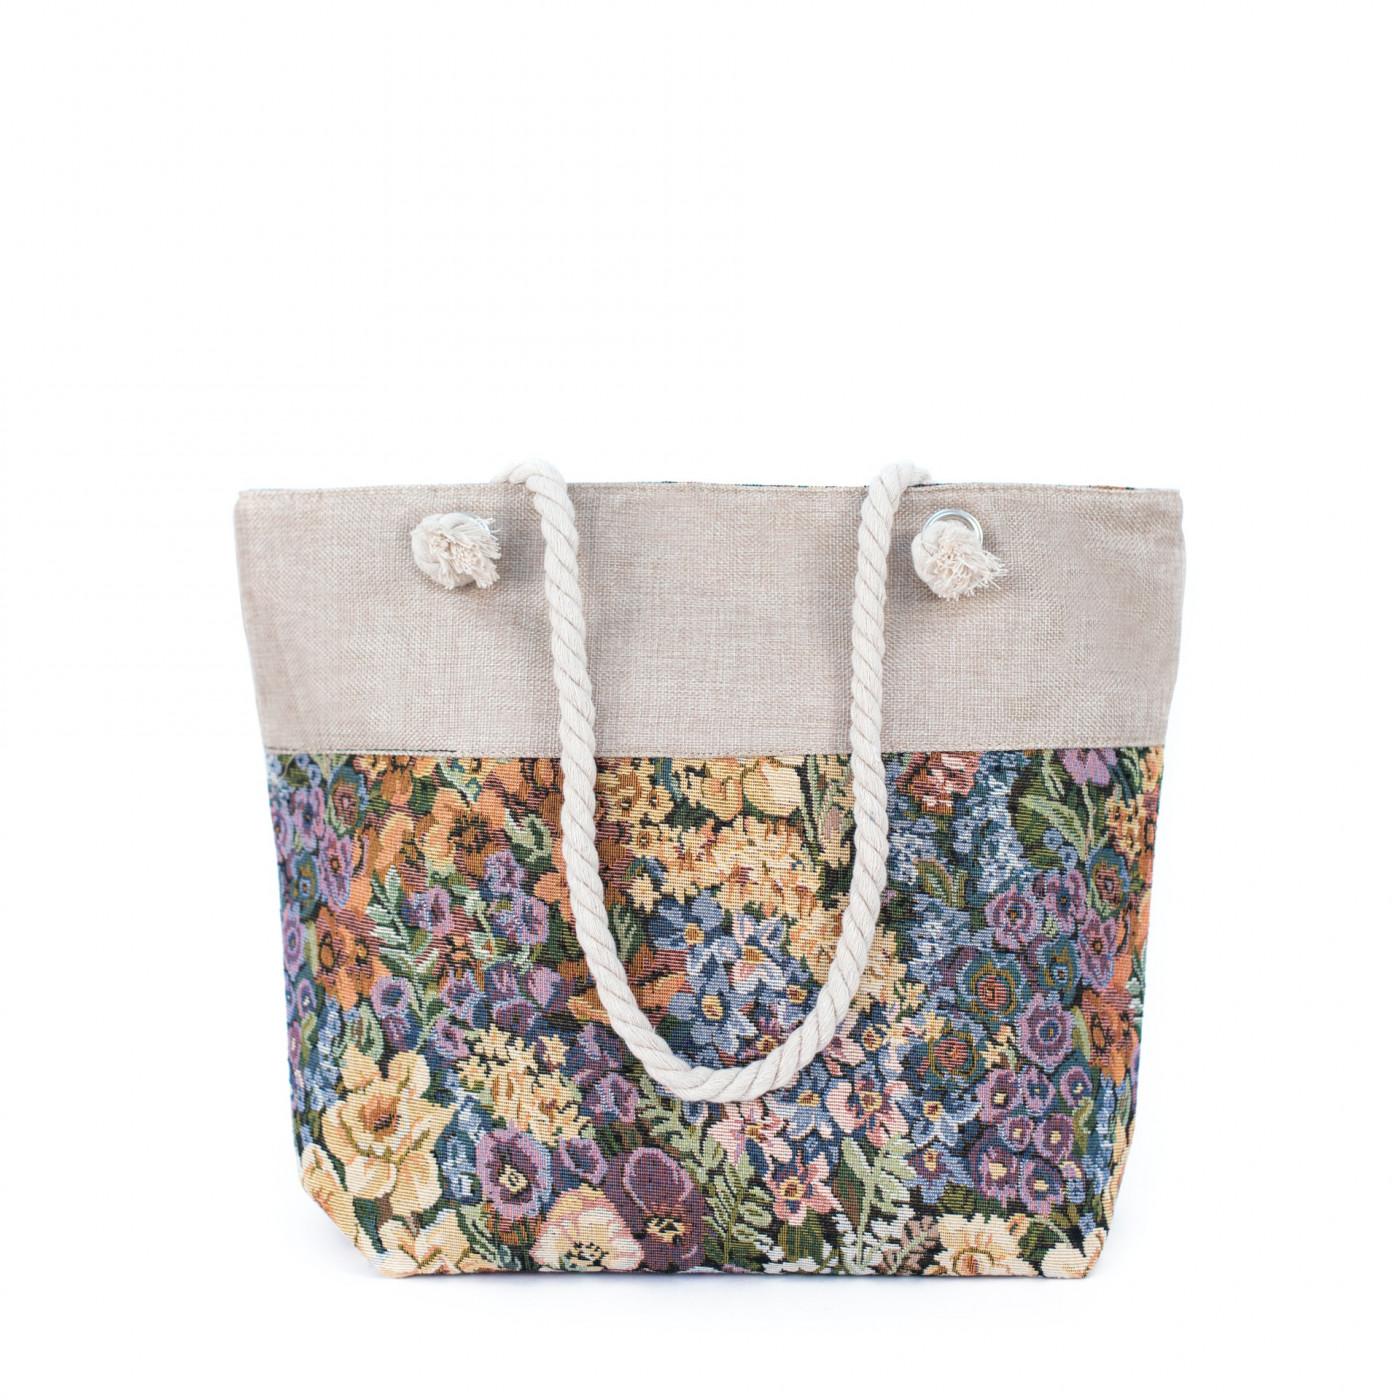 Art Of Polo Woman's Bag tr19229